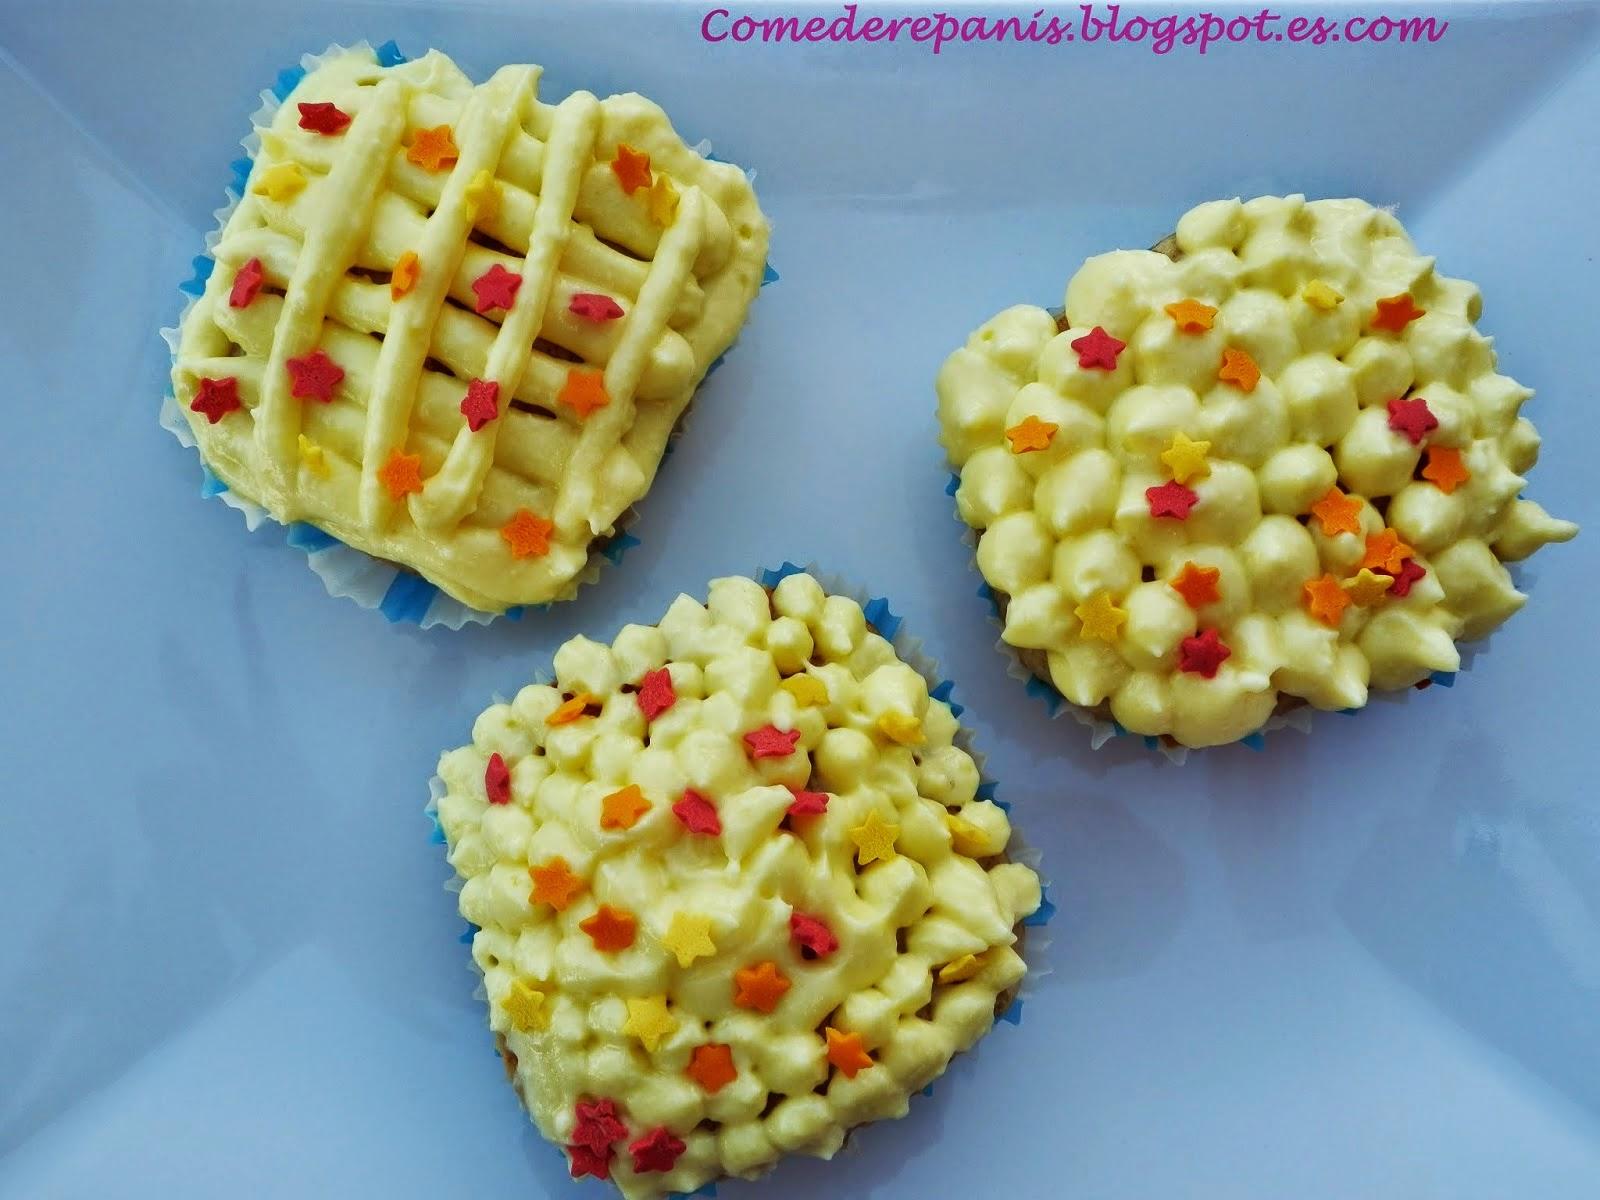 http://comederepanis.blogspot.com.es/2014/05/cupcakes-de-platano.html